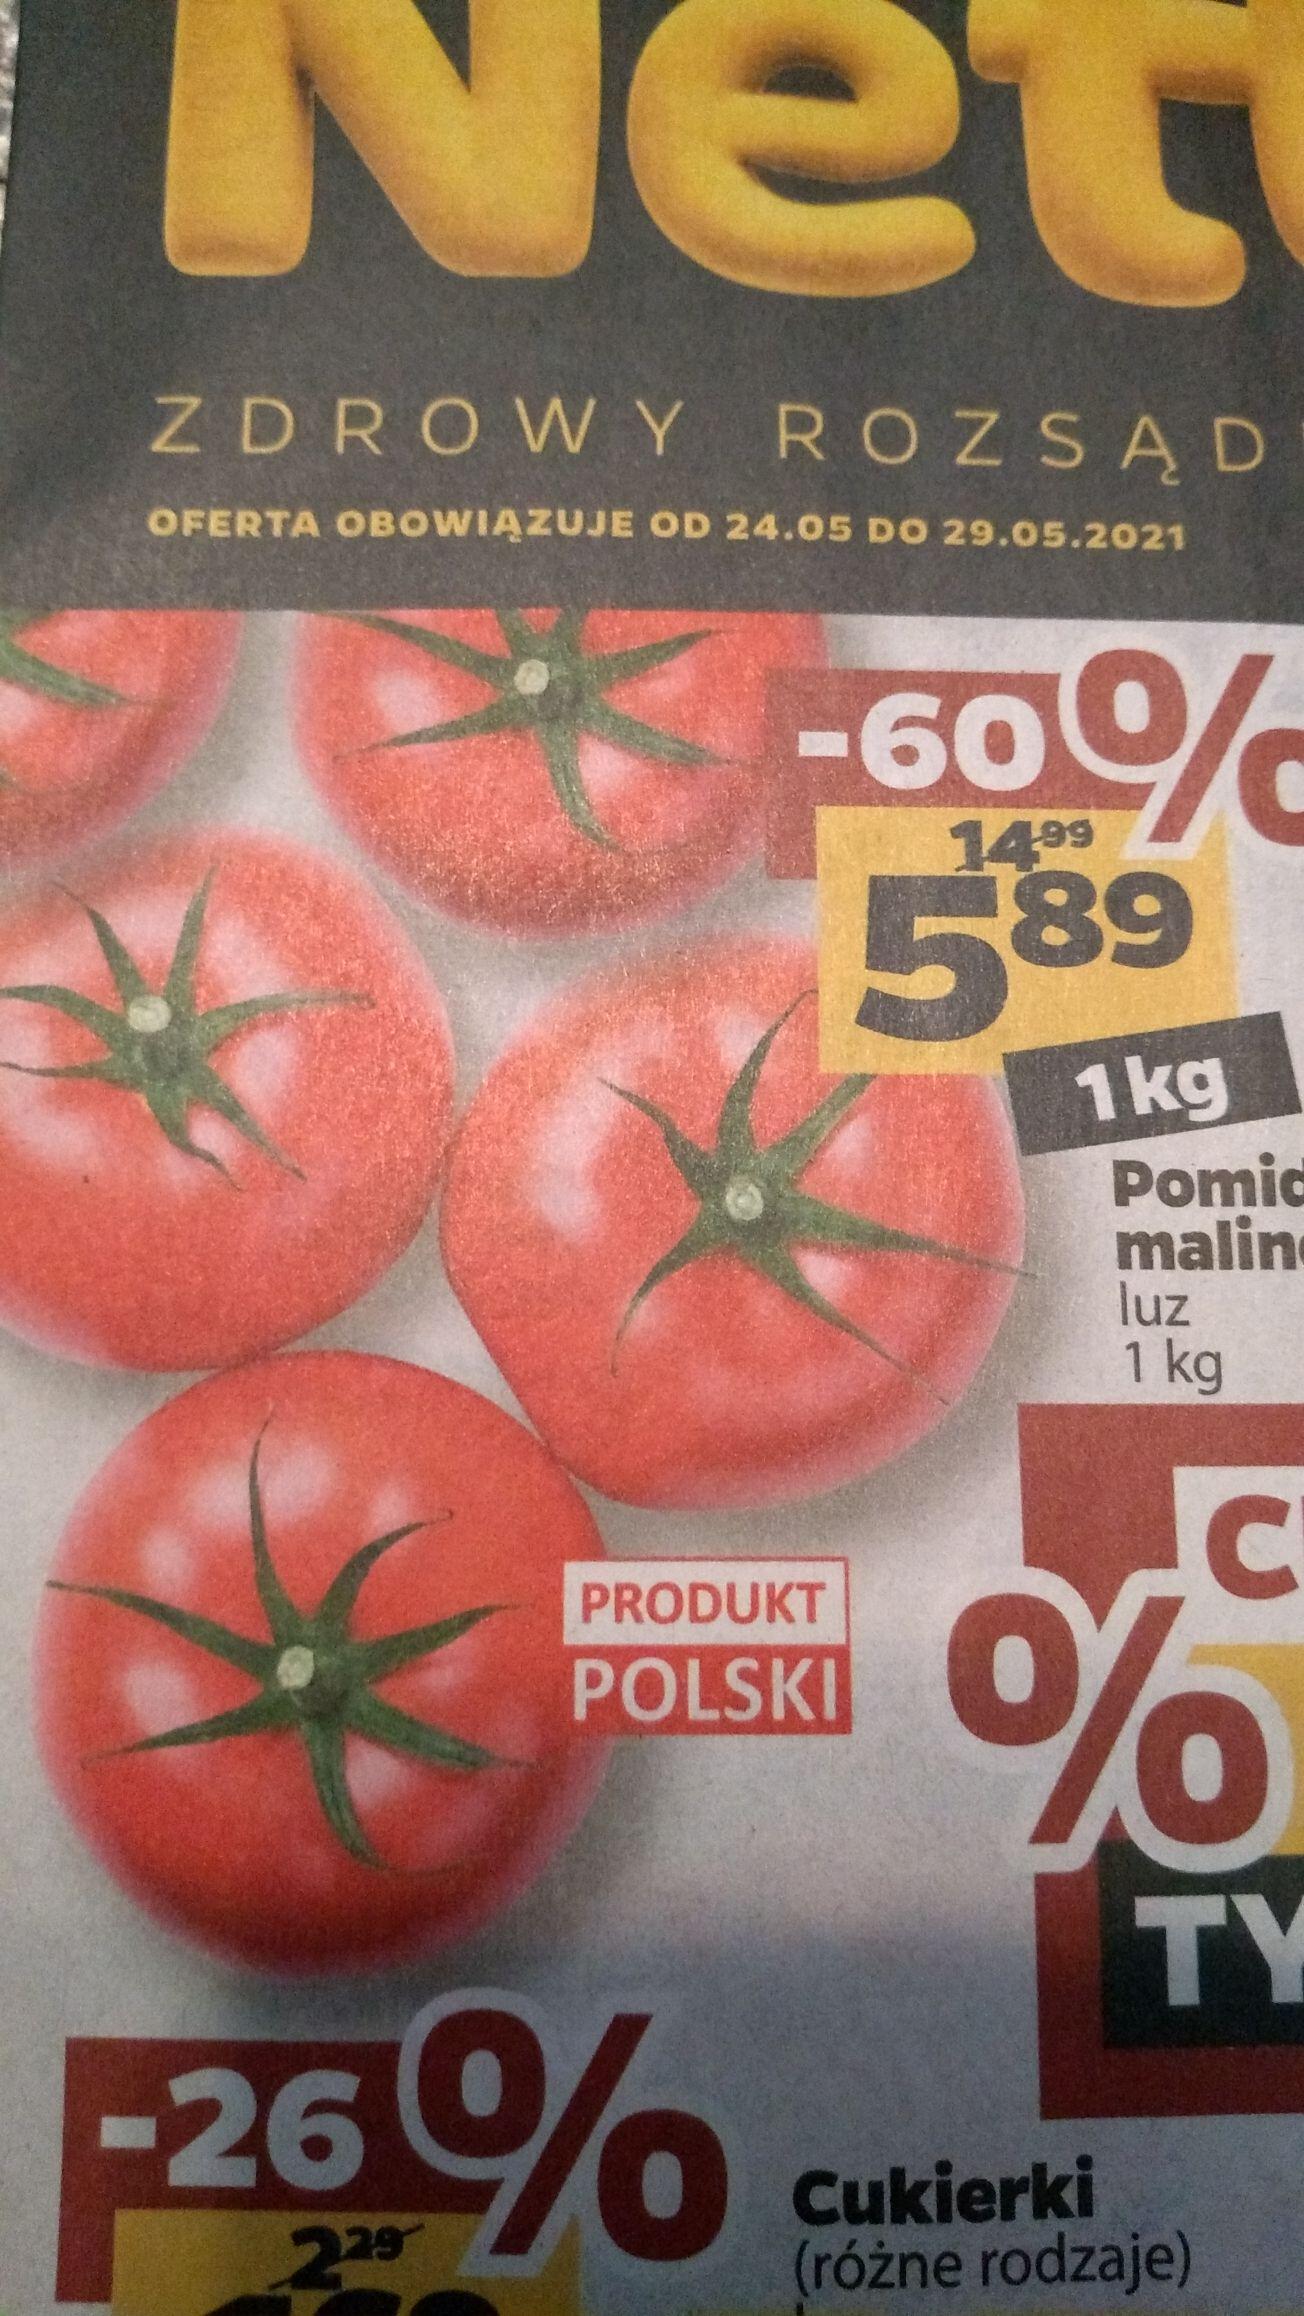 Polskie pomidory malinowe 1kg. Sklep NETTO